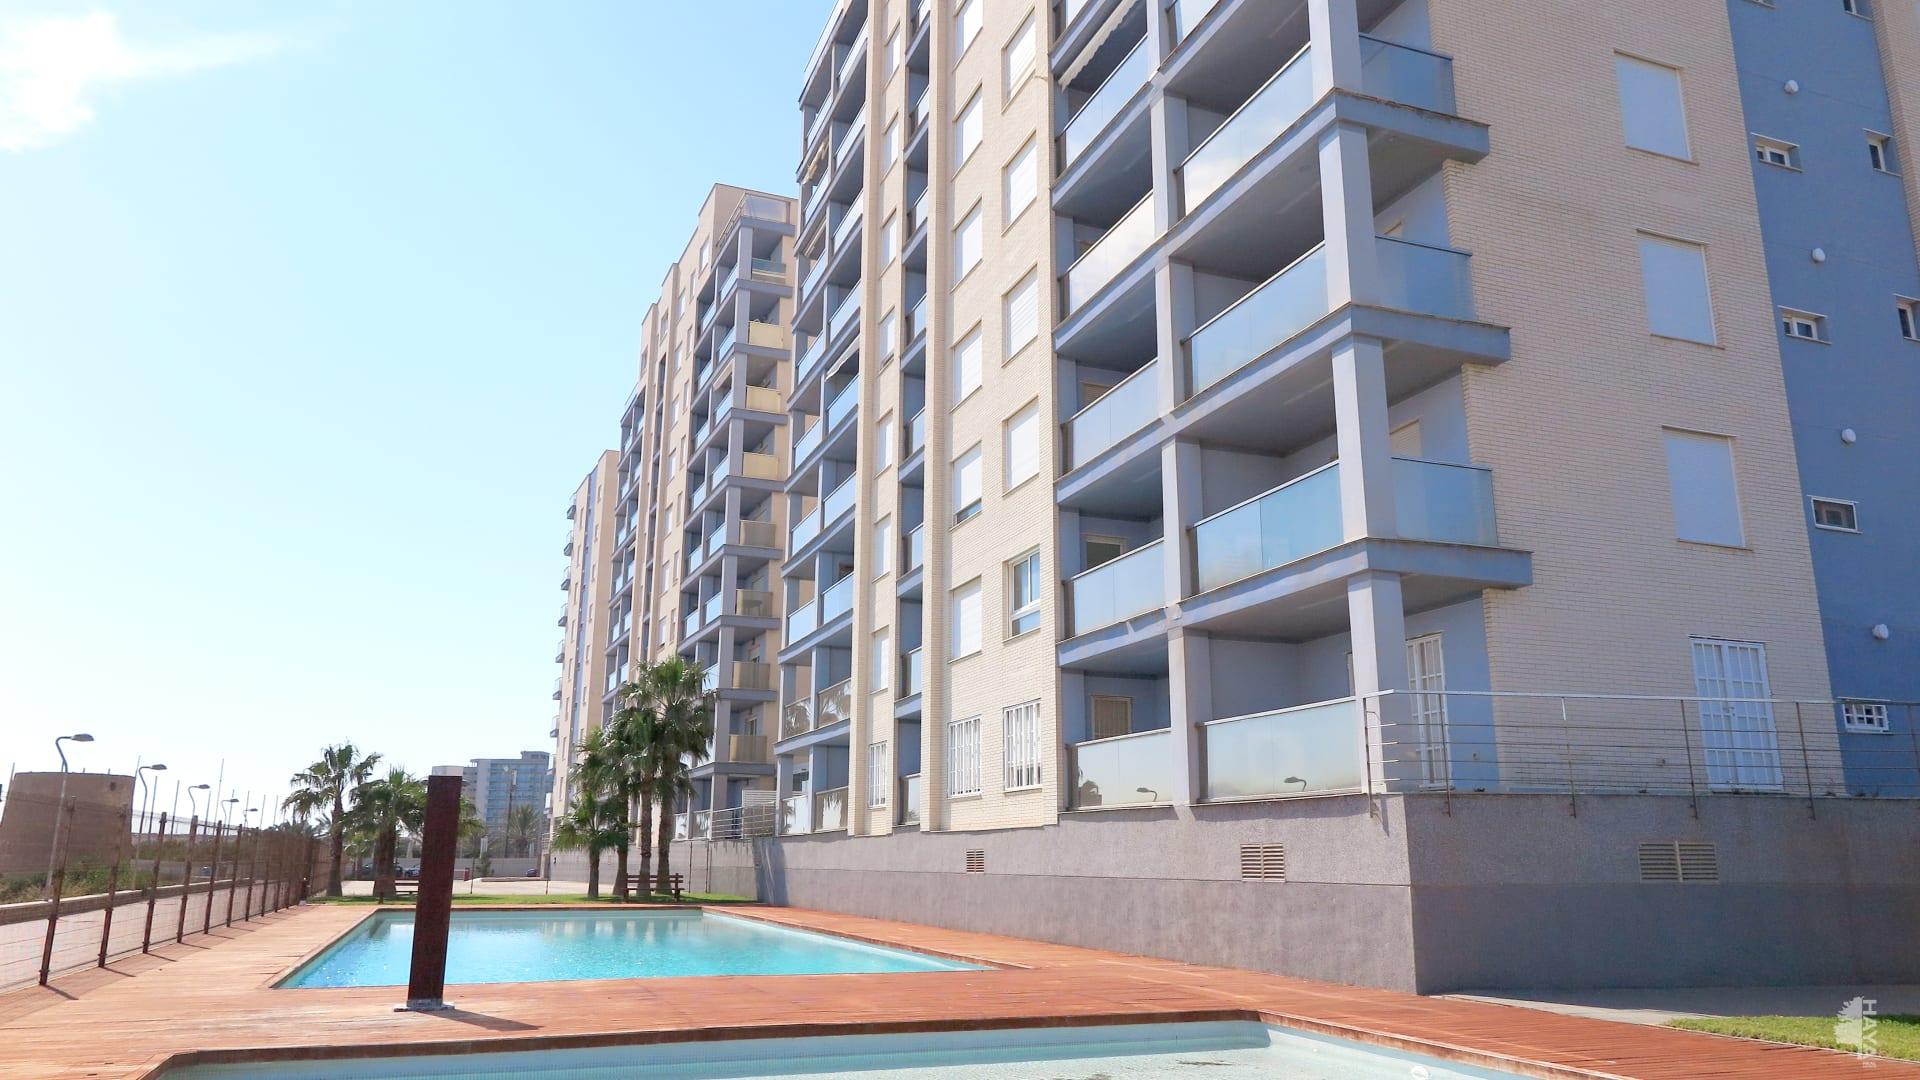 Piso en venta en San Javier, Murcia, Calle Prolongación Pol F. Conj Resid. Veneziola Golf Ii, 124.000 €, 2 habitaciones, 2 baños, 62 m2